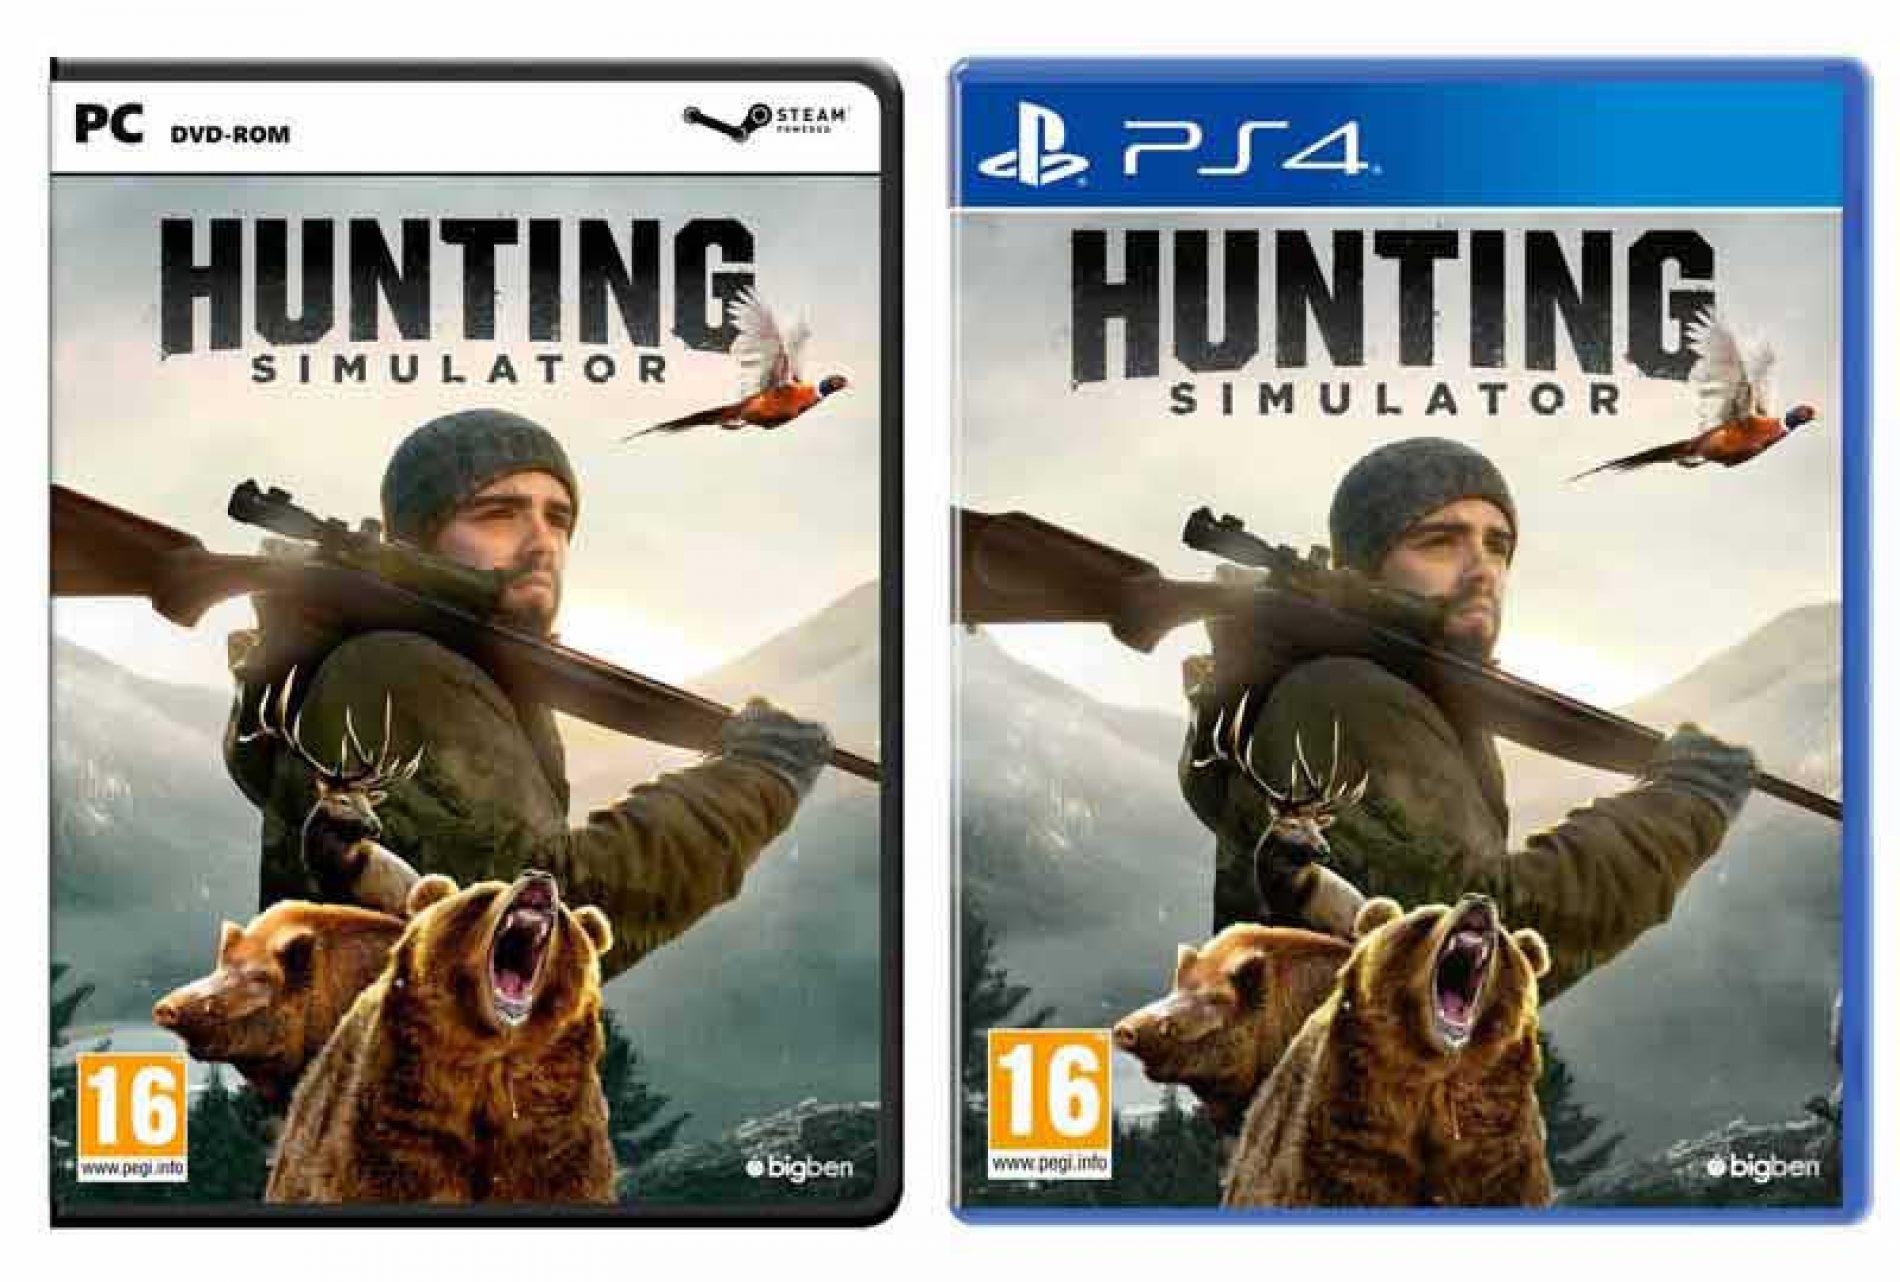 El juego de caza Hunting Simulator saldrá a la venta el 9 de junio